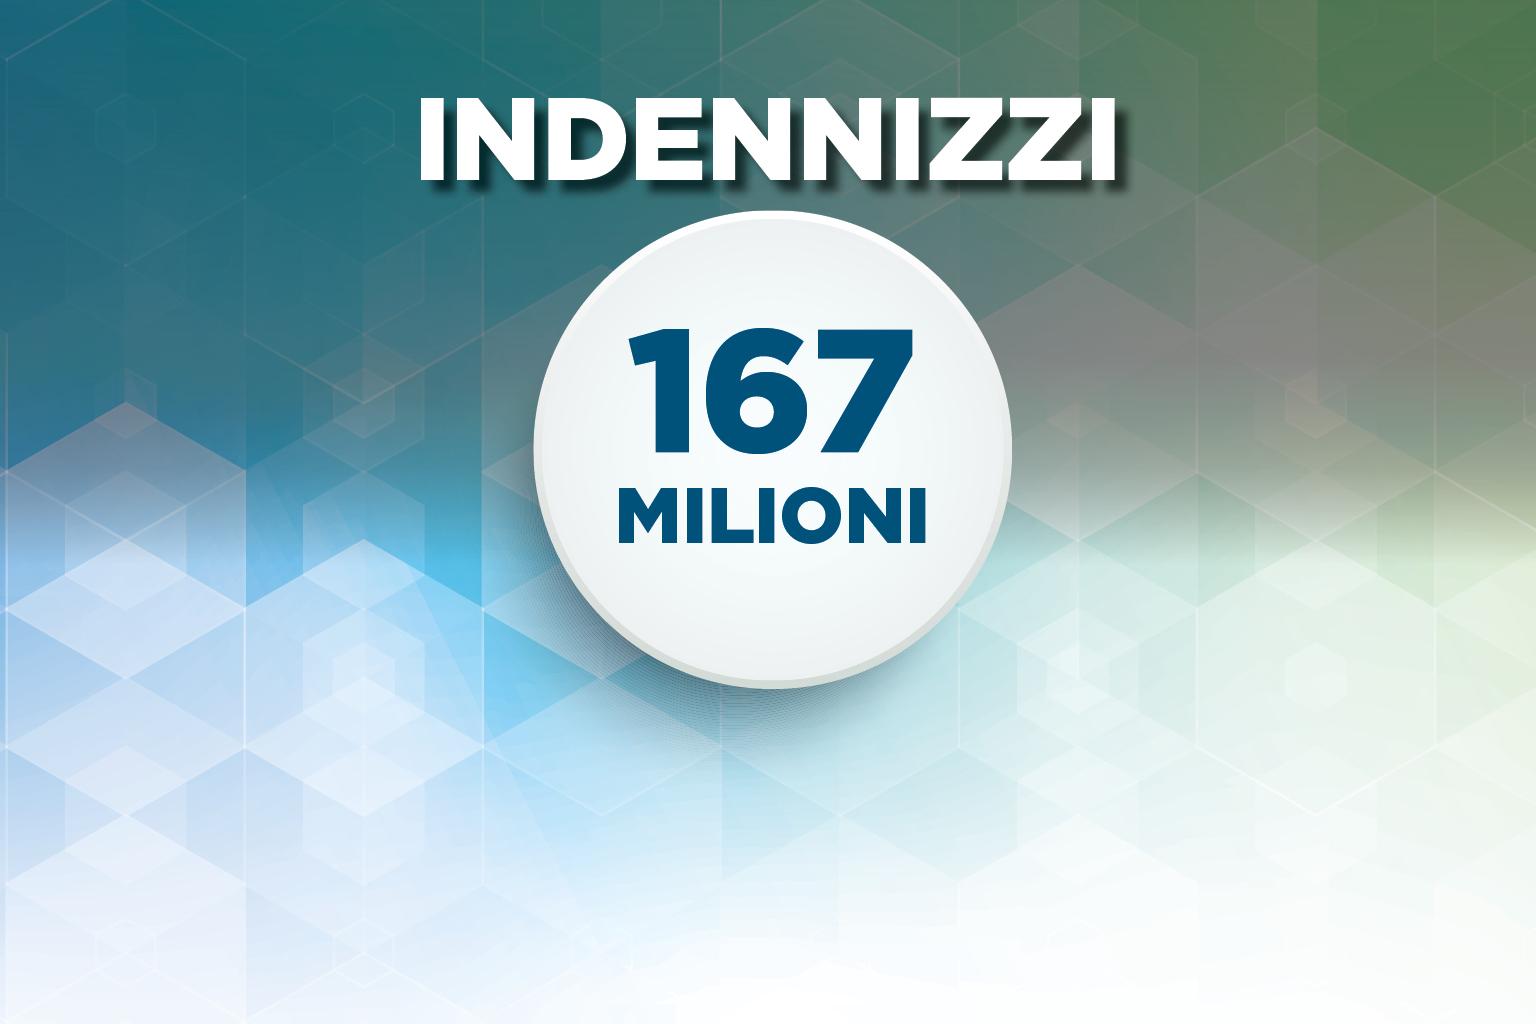 Da Regione Lombardia 167 milioni di euro per imprese e lavoratori